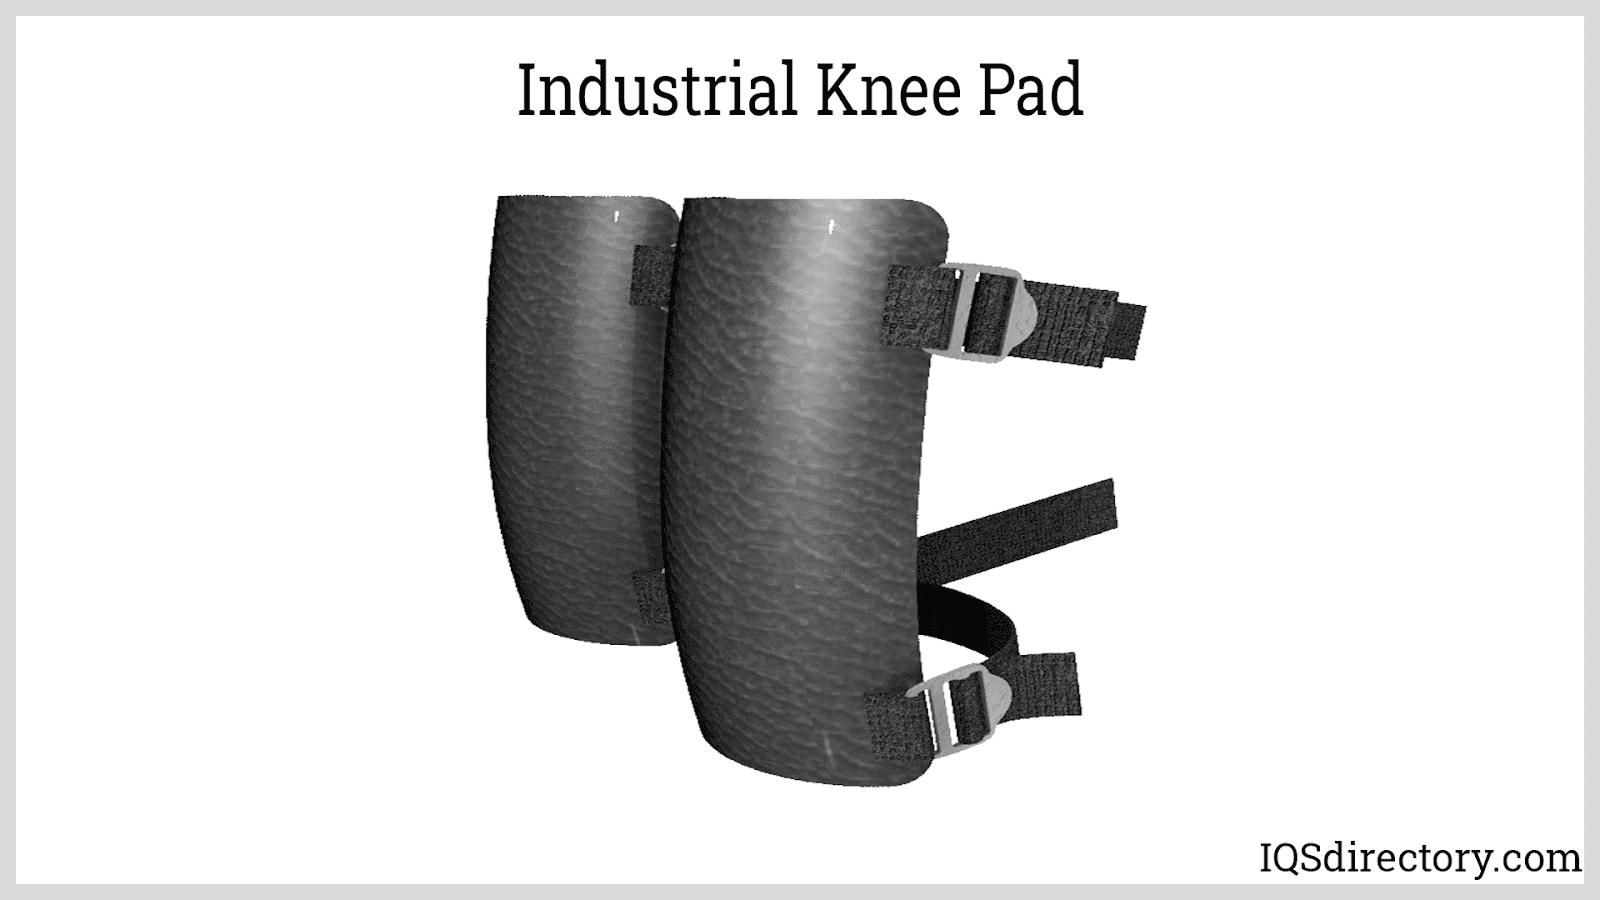 Industrial Knee Pad